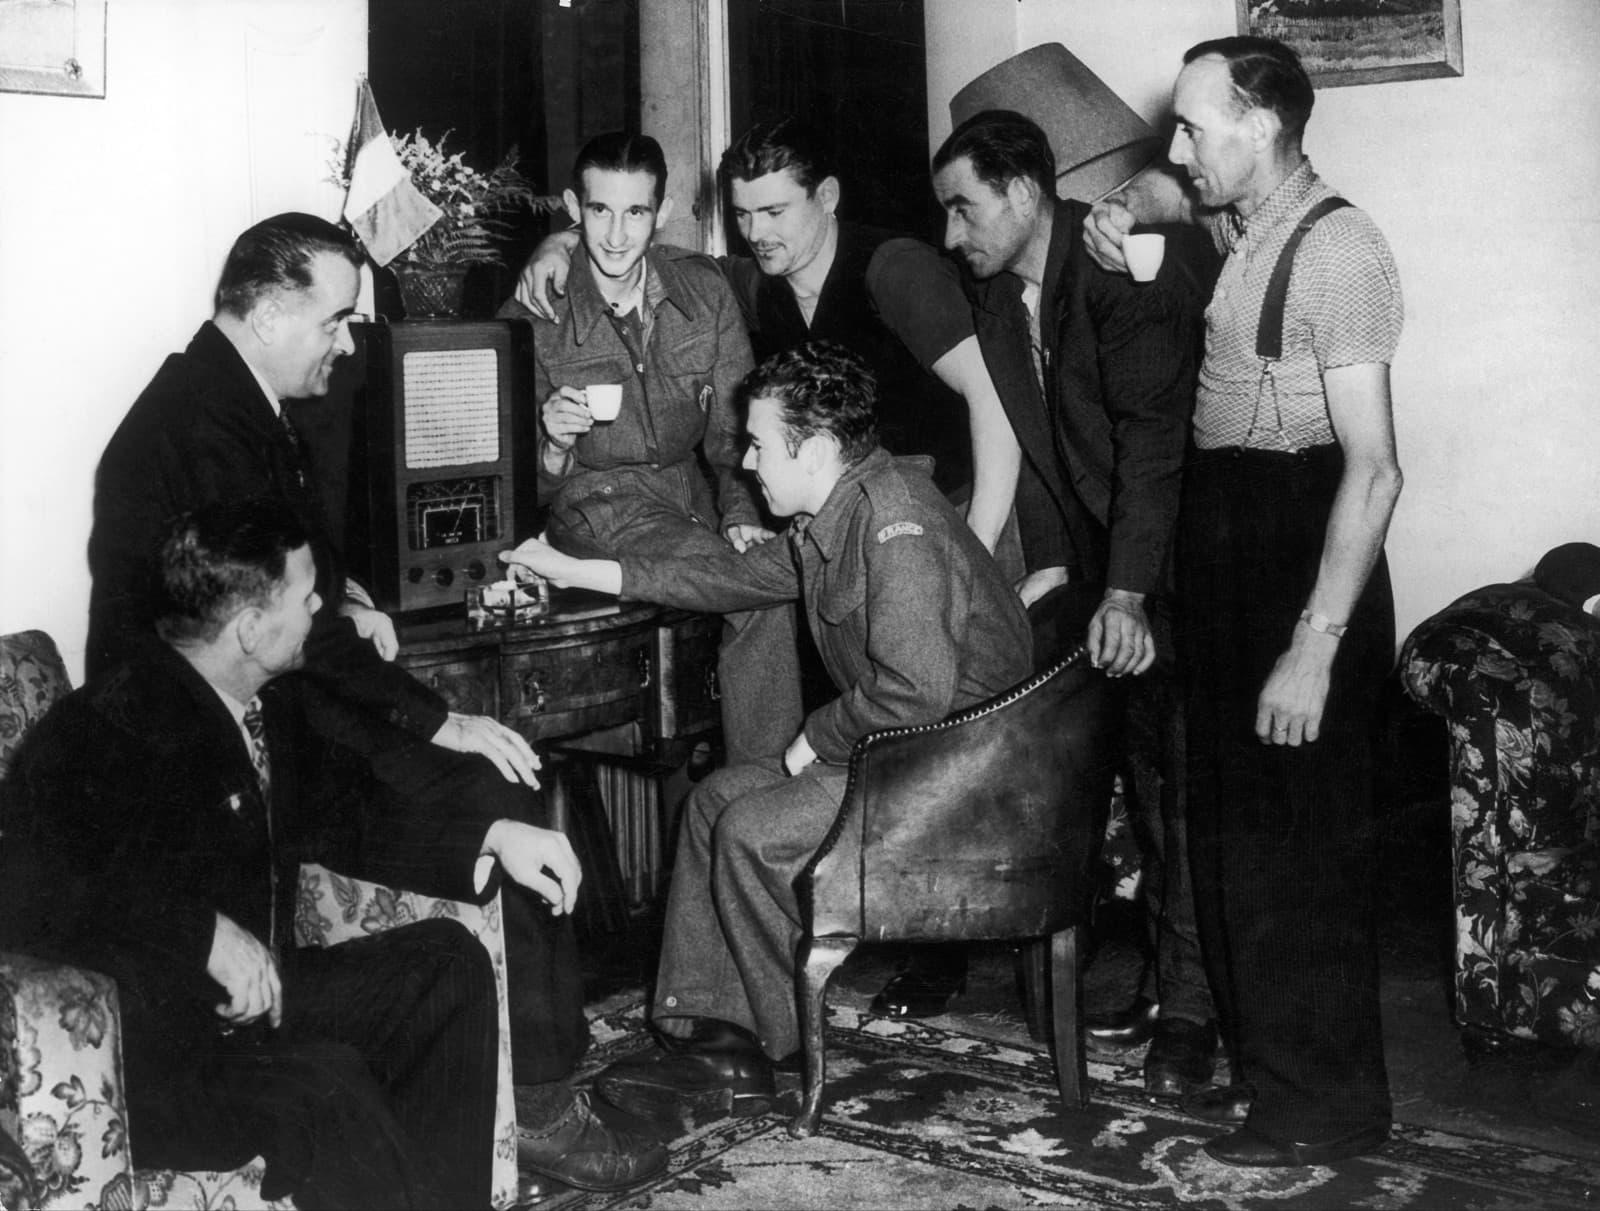 Soldats de la França Lliure escoltant a la BBC l'evolució de la guerra el 1940. Fotografia de Keystone France/Gamma- Rapho via Getty Images